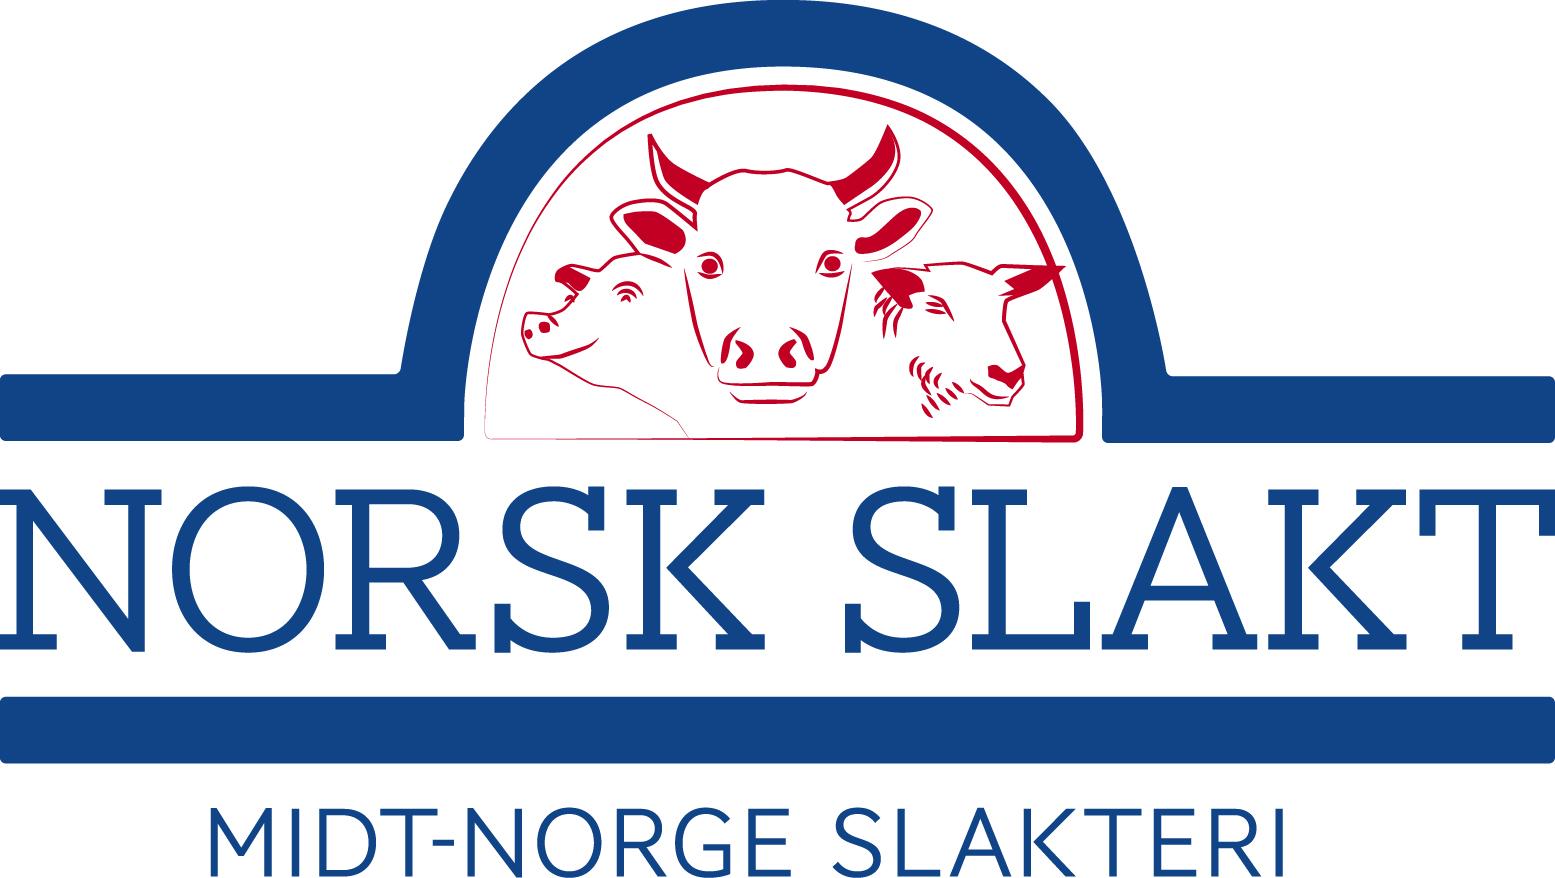 Midt-Norge Slakteri